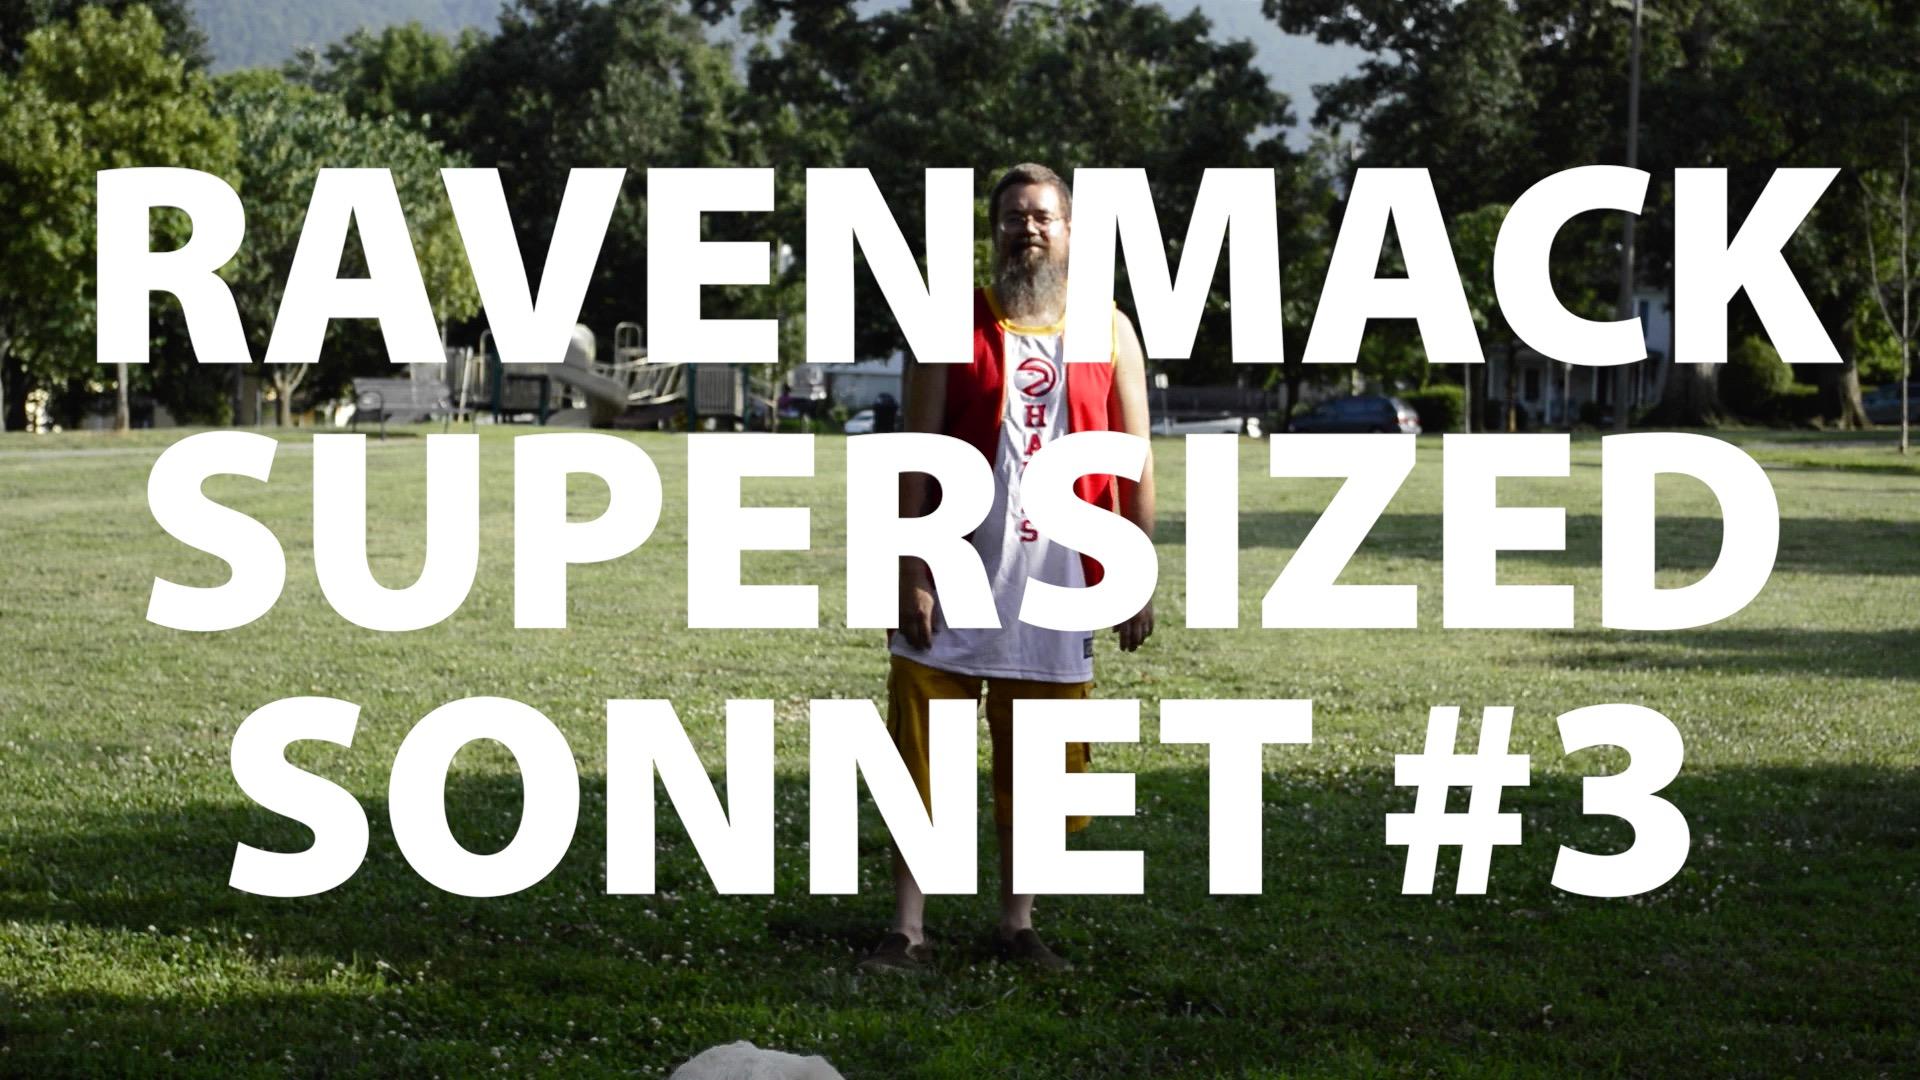 Raven Mack Supersized Sonnet #3